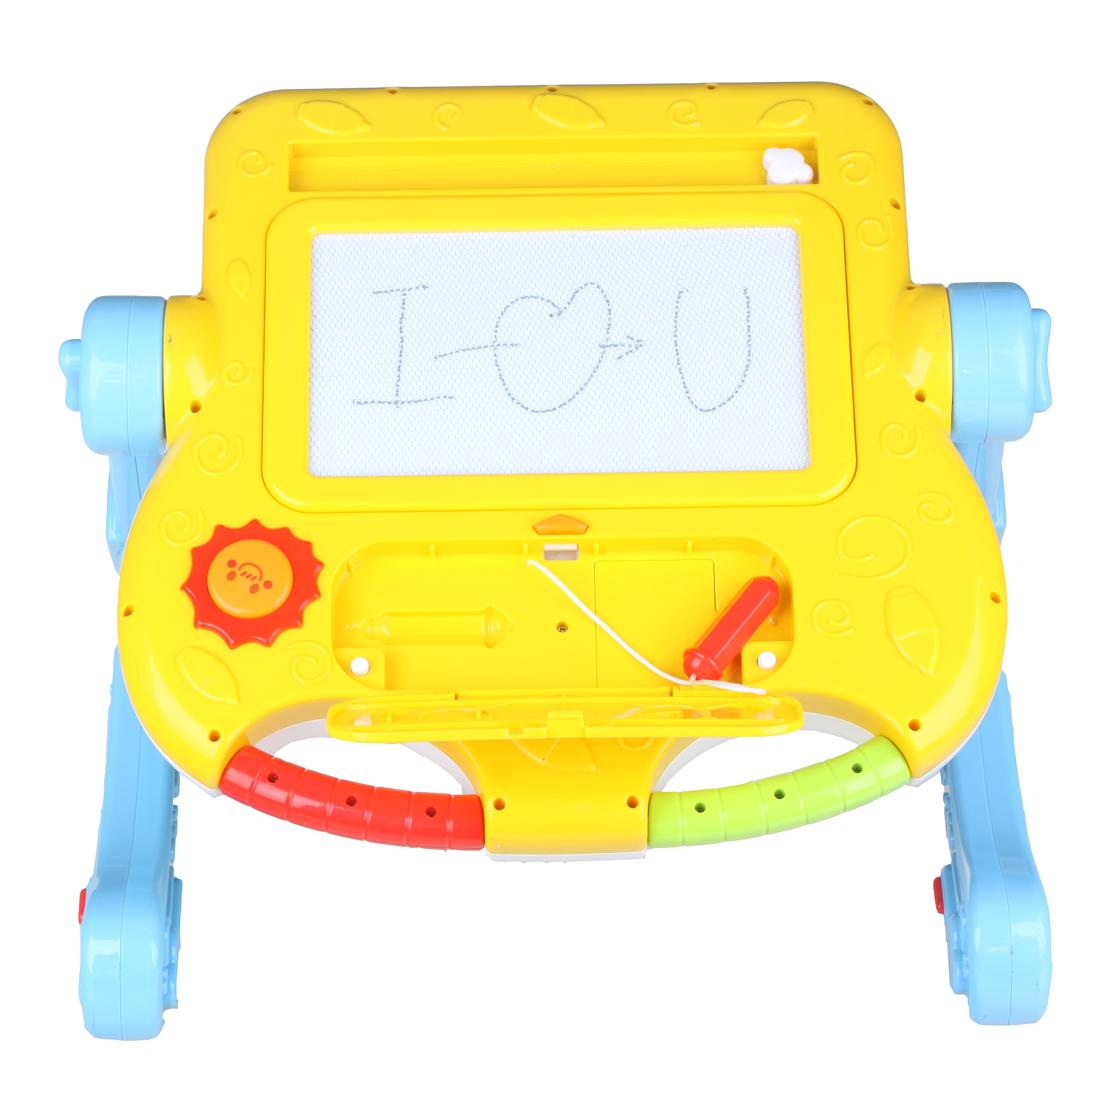 玛力玩具成长三用学习车婴幼儿多功能玩具台儿童手推学步车写字板